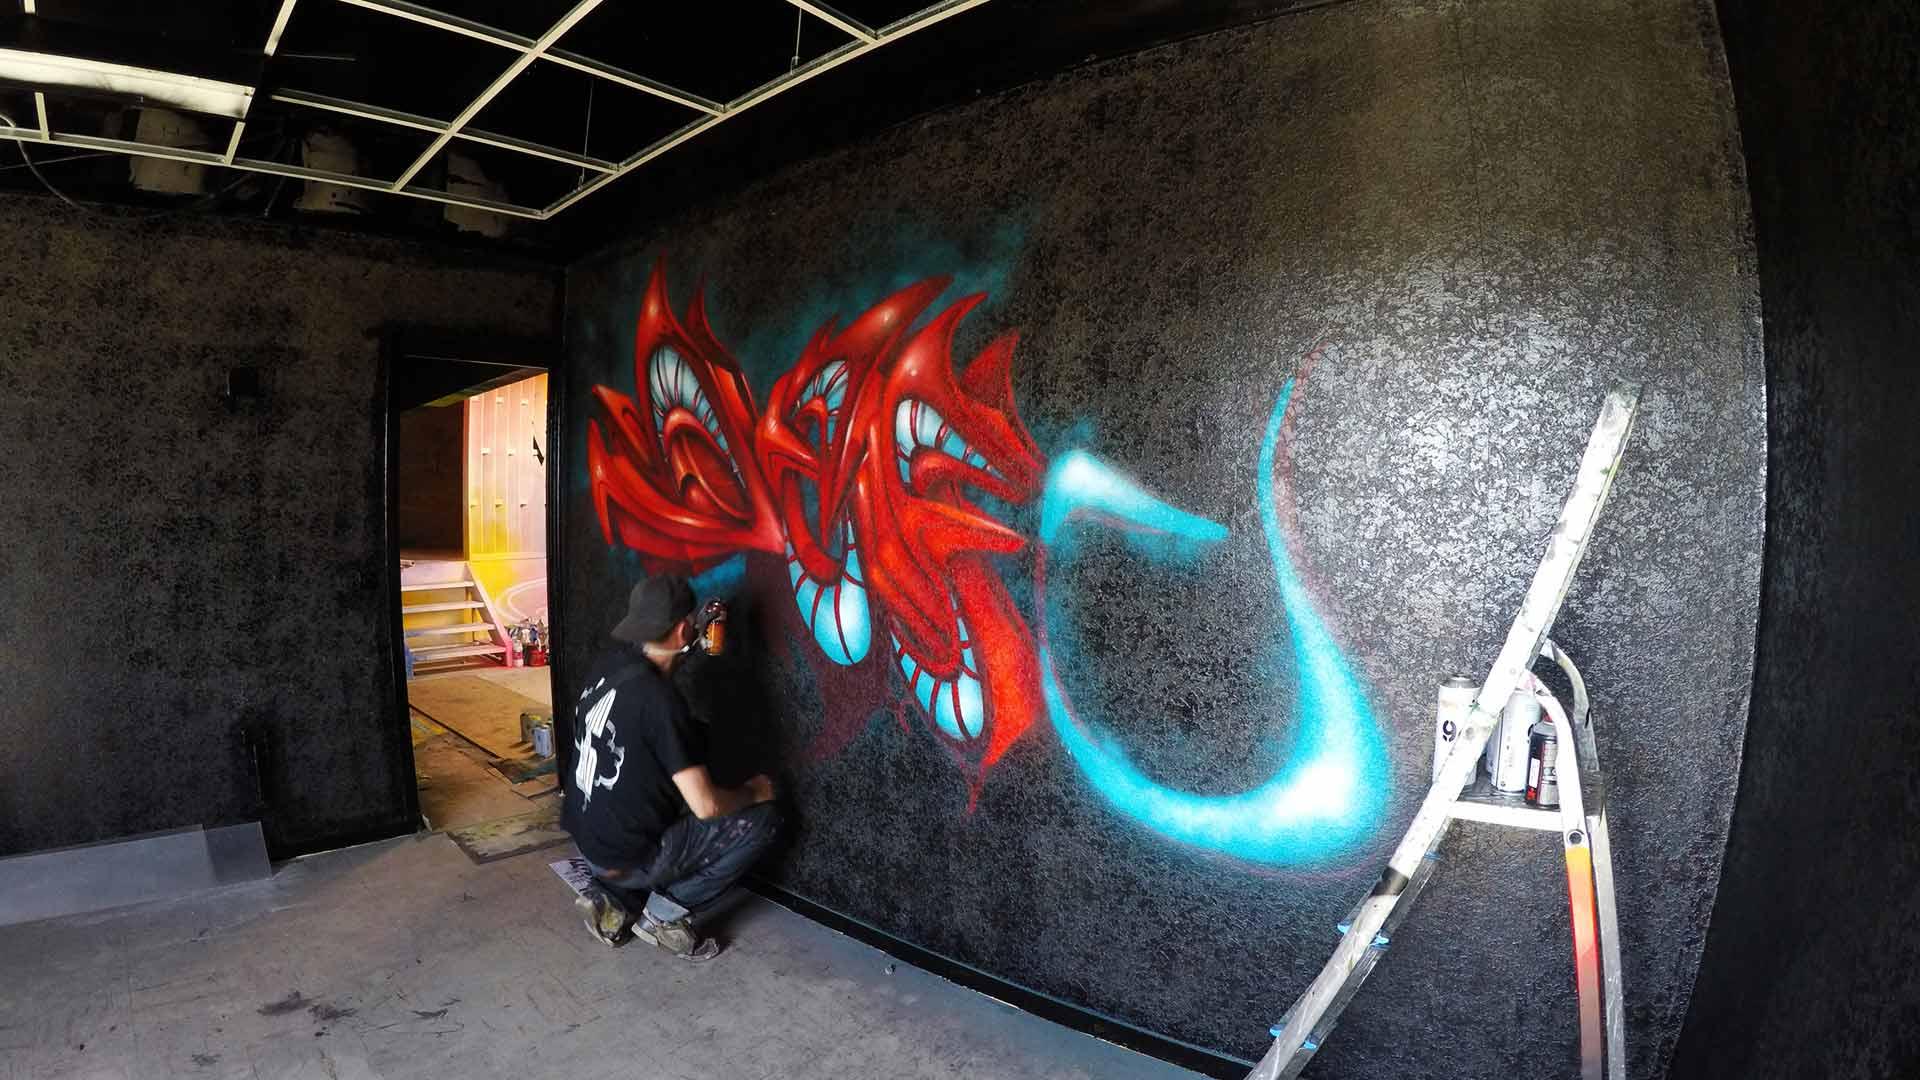 deft-graffiti-3d